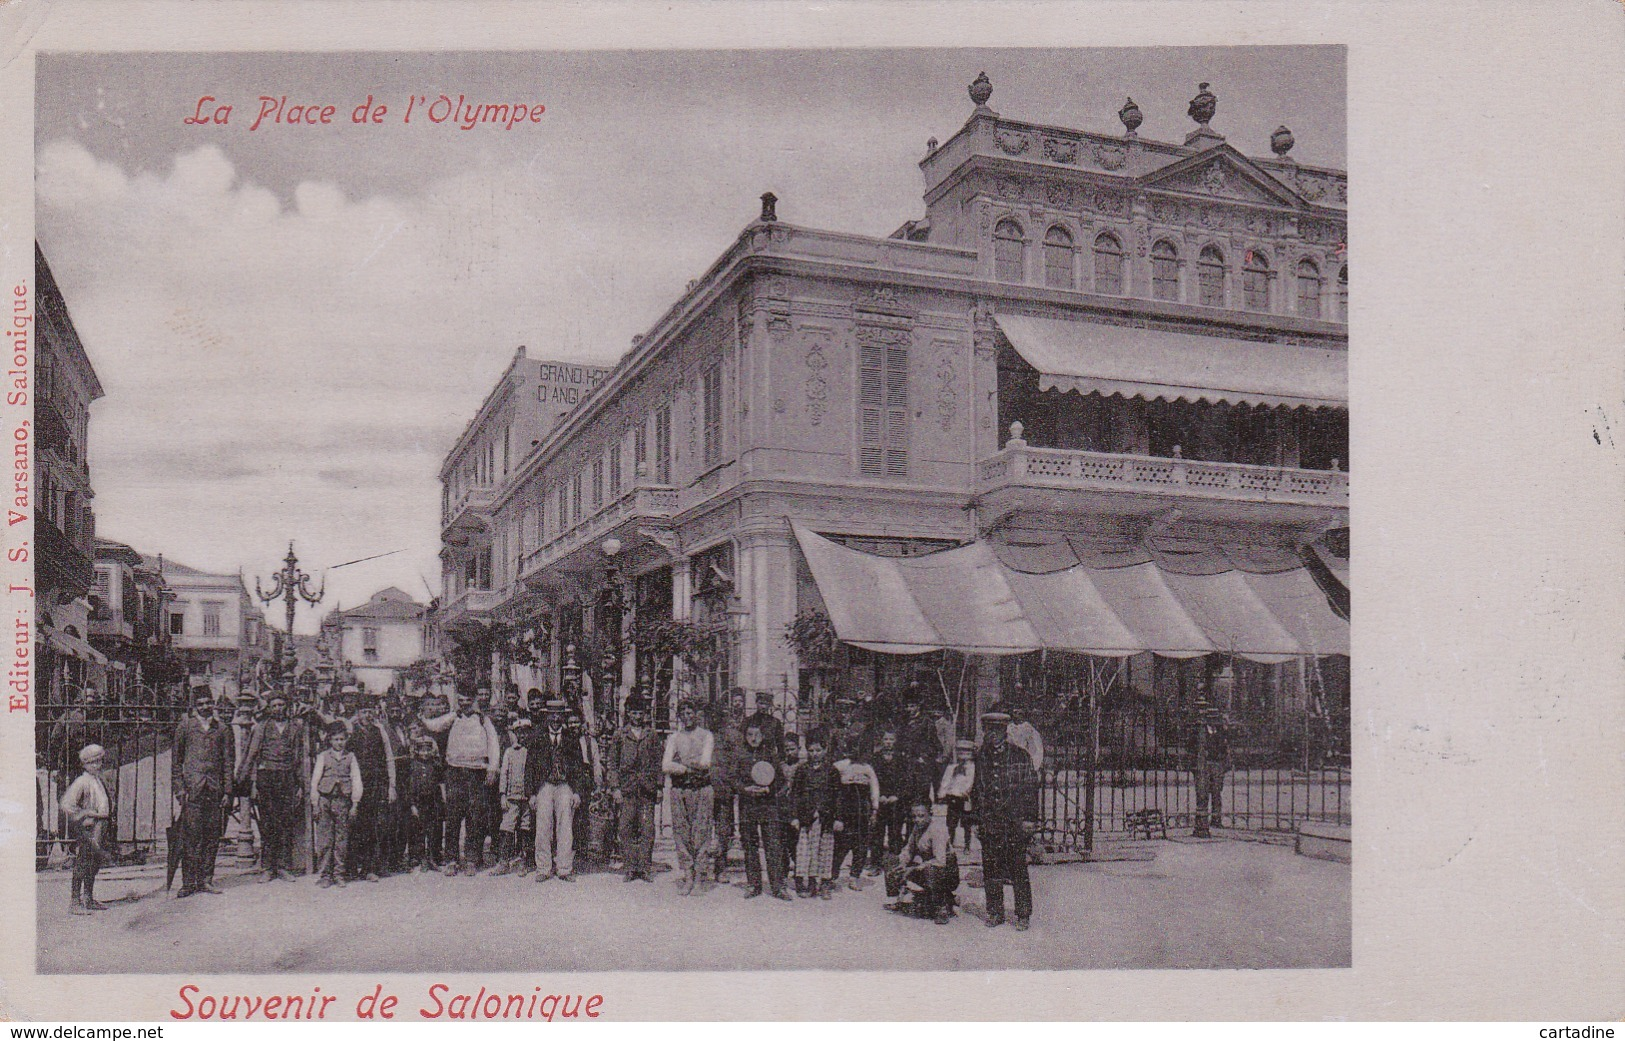 Grèce - Souvenir De Salonique - La Place De L'Olympe - Timbre Du Levant France - 1905 - Griechenland